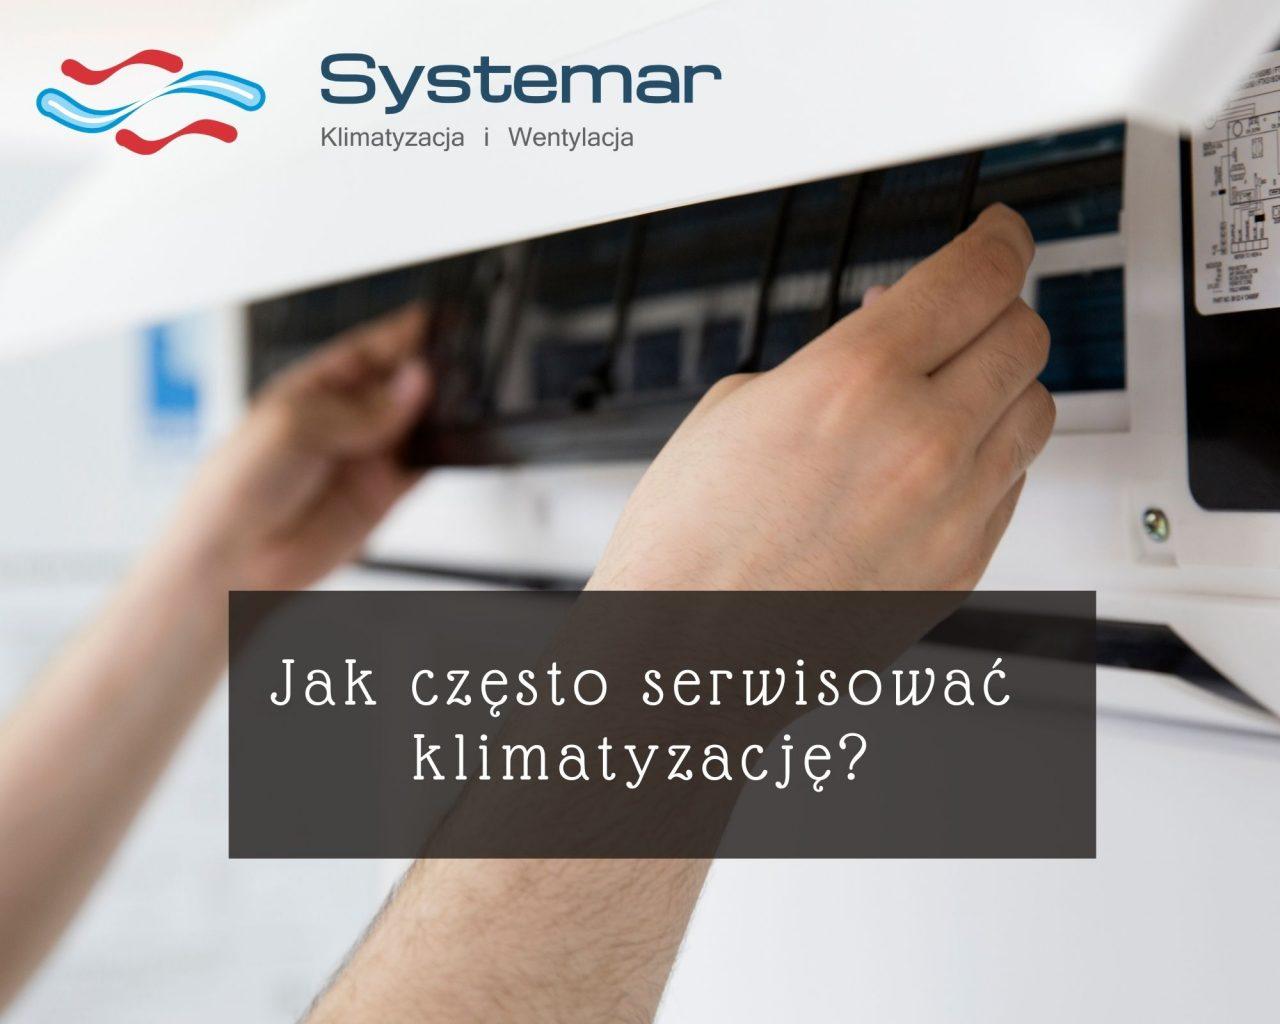 https://systemar.pl/wp-content/uploads/2020/11/jak-czesto-serwisowac-klimatyzacje-1280x1024.jpg